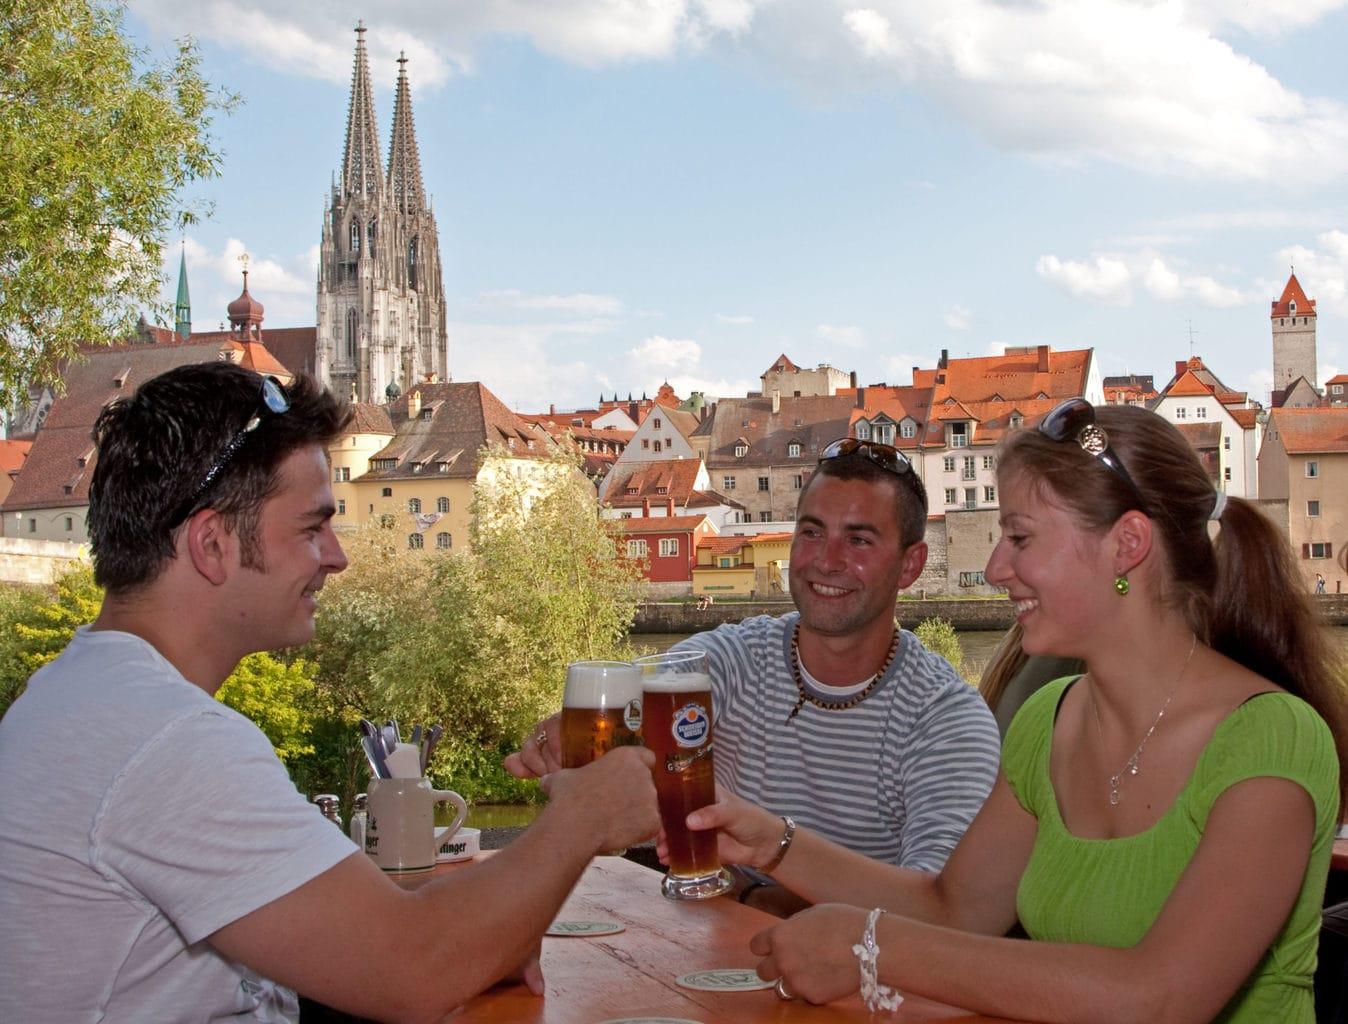 Mensen nuttigen lekker een biertje in de Biergarten Alte Linde in Regensburg